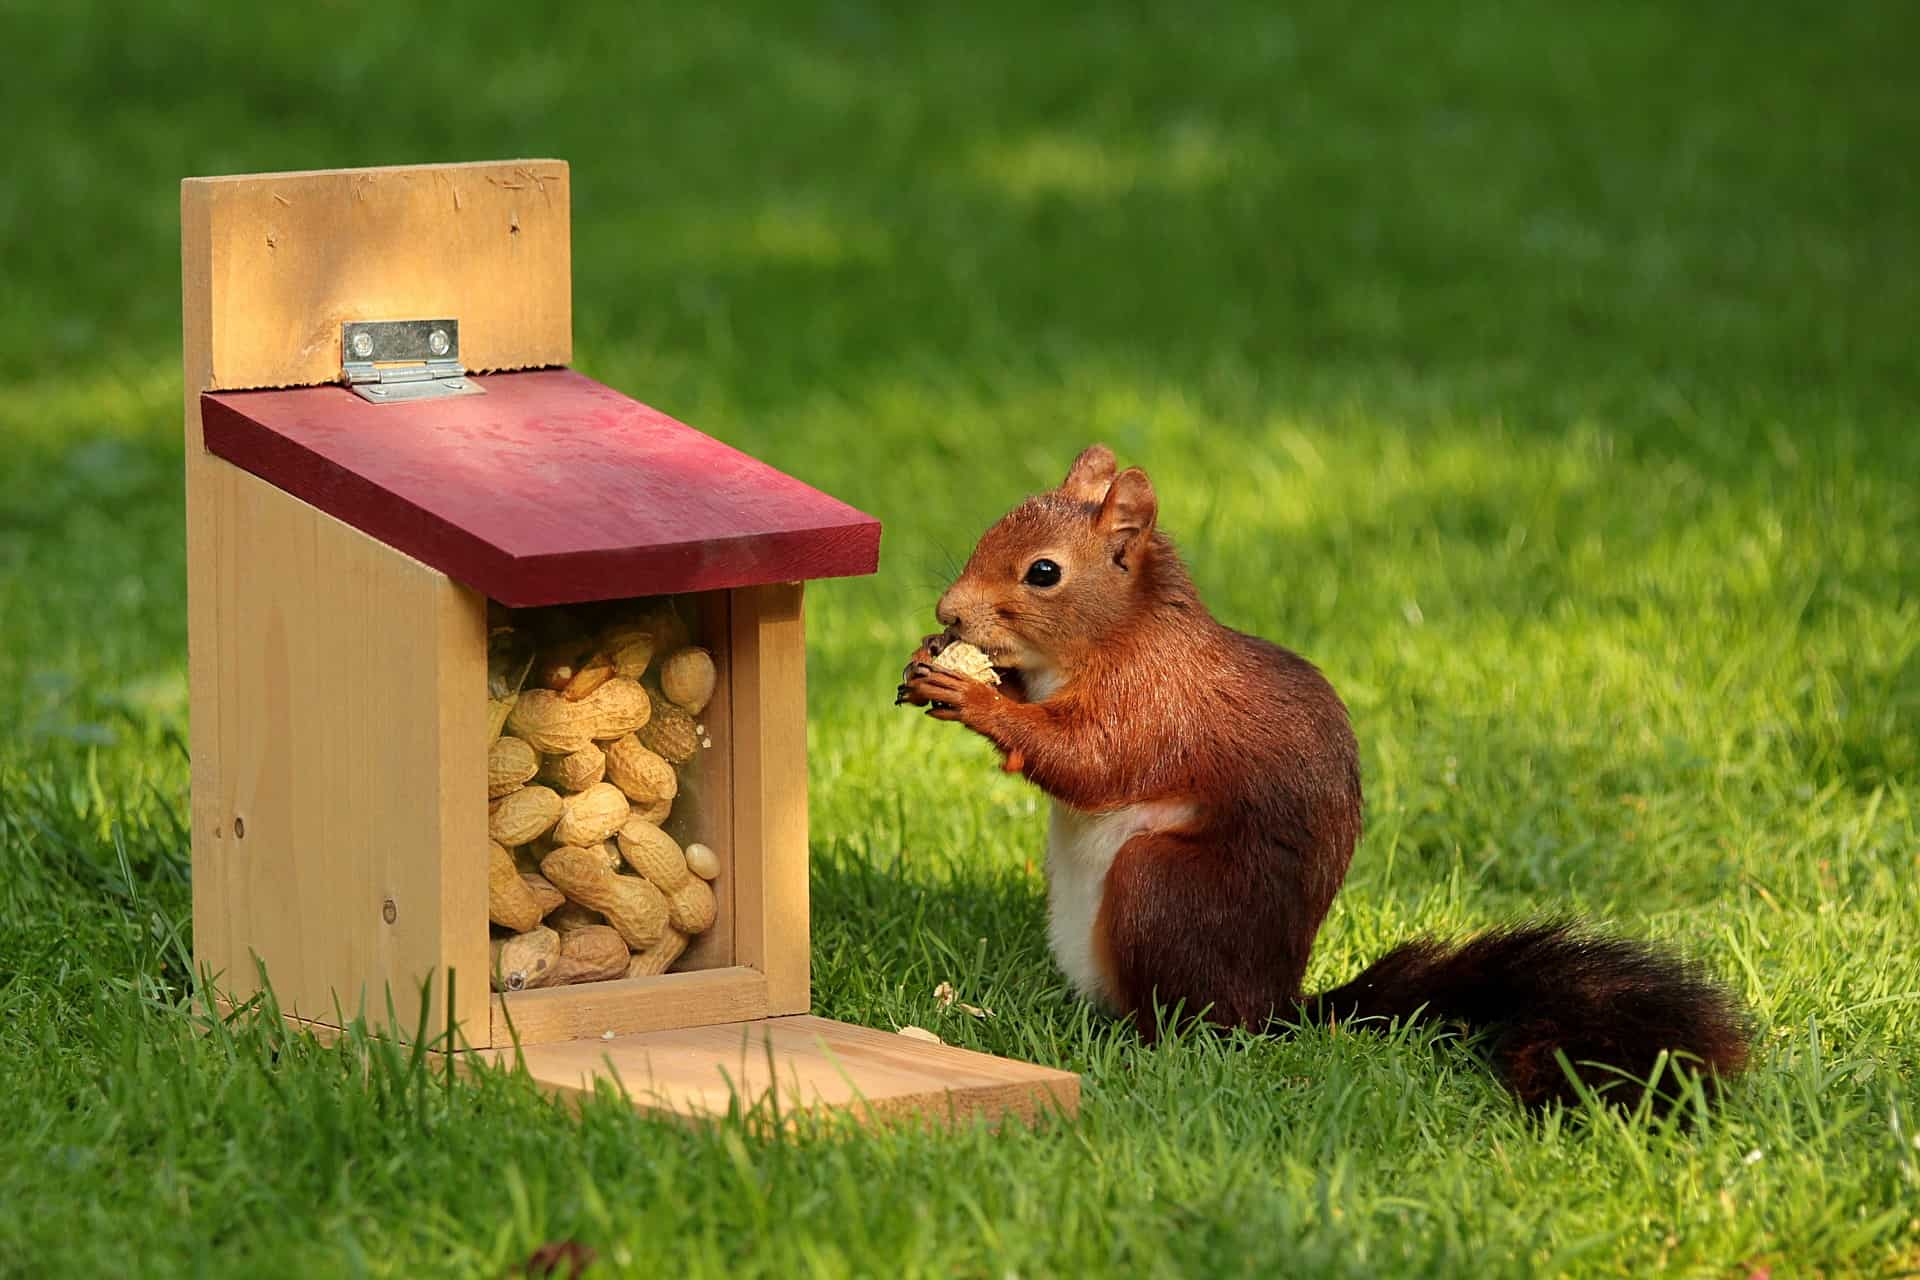 Eichhörnchen | Foto von Oldiefan/Pixabay